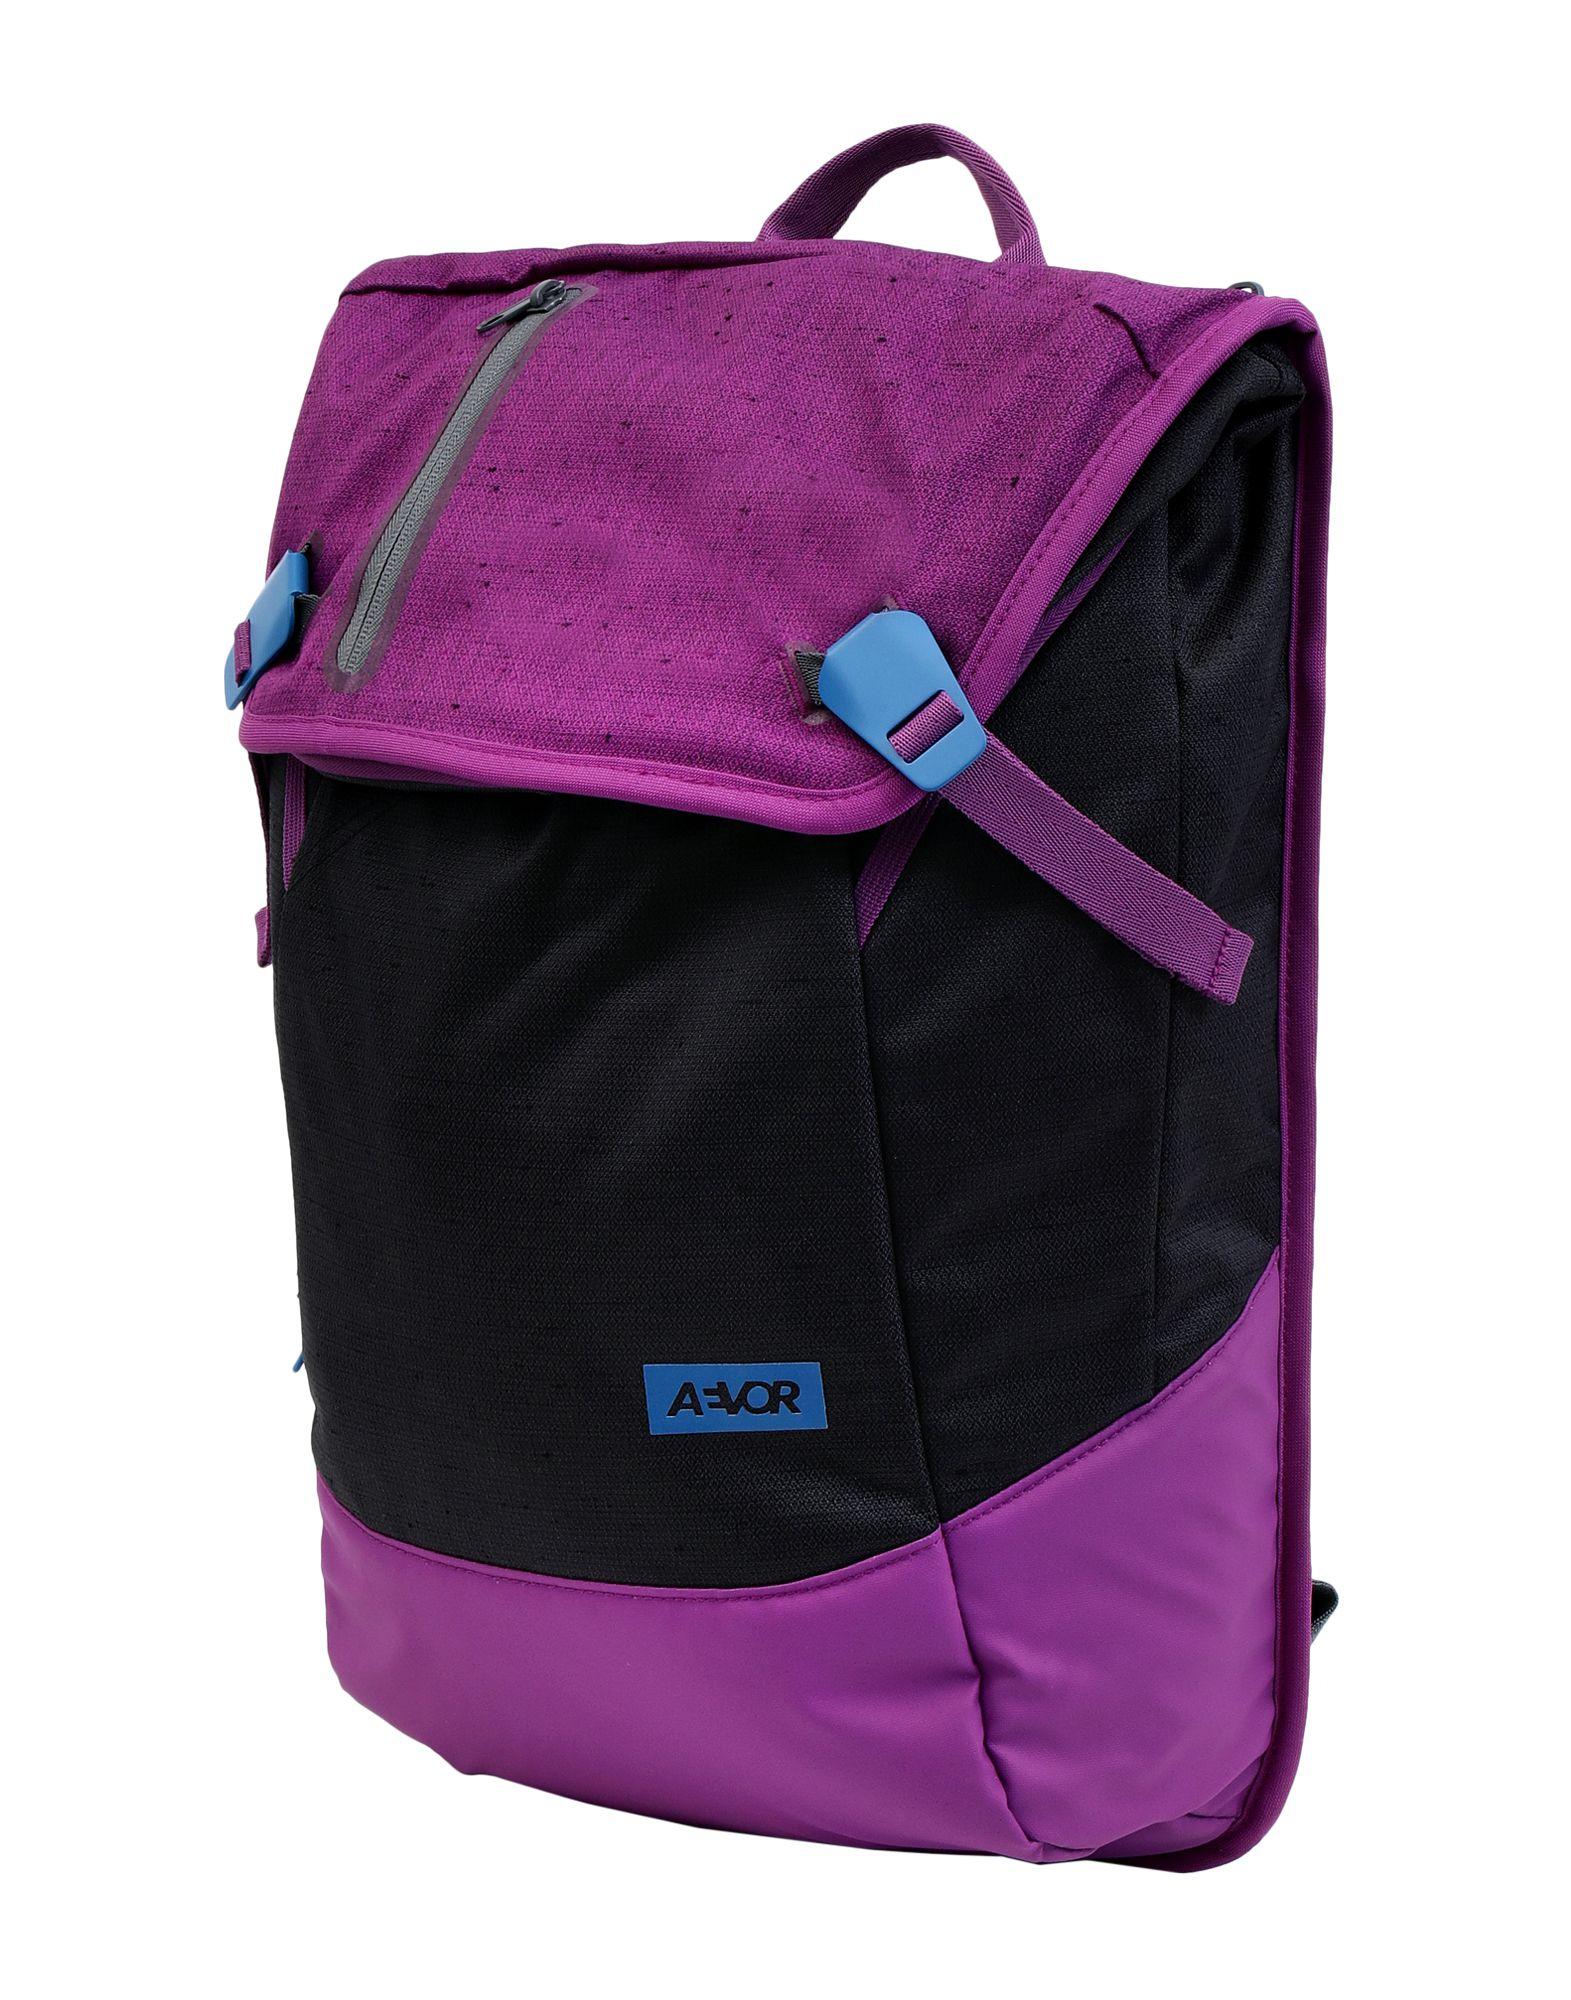 """(Kofferarena) AEVOR Daypack (21-30 Liter) Purple Violett mit Laptopfach (15"""")"""